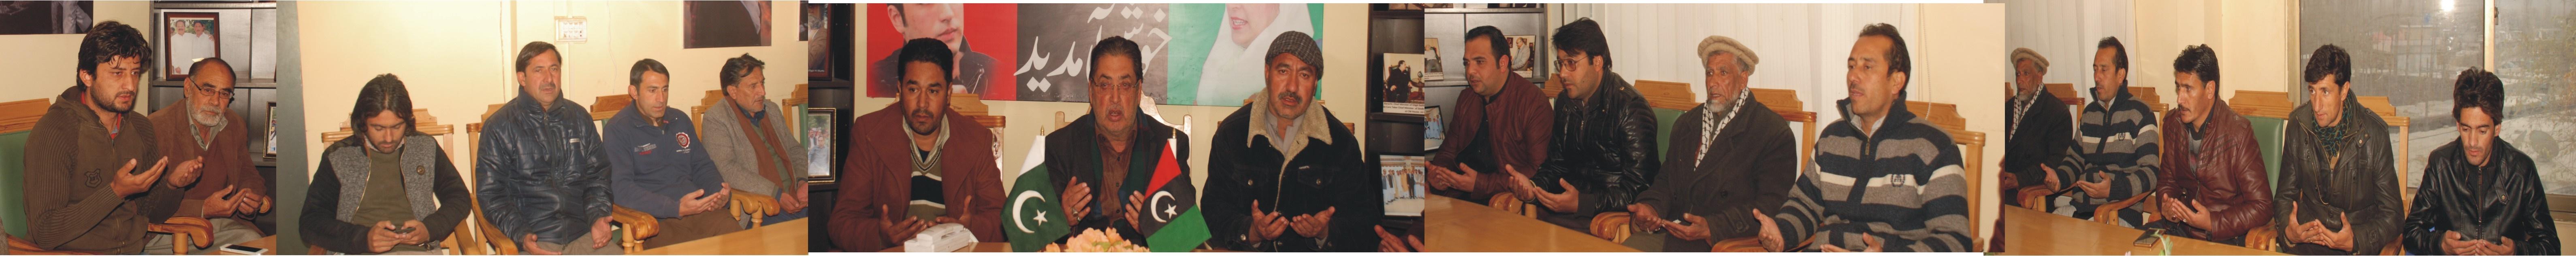 گروپ کیپٹن شاہ خان کی وفات سے گلگت بلتستان ایک عظیم قومی ہیرو سے محروم ہوگیا ہے، سید مہدی شاہ سابق وزیراعلی